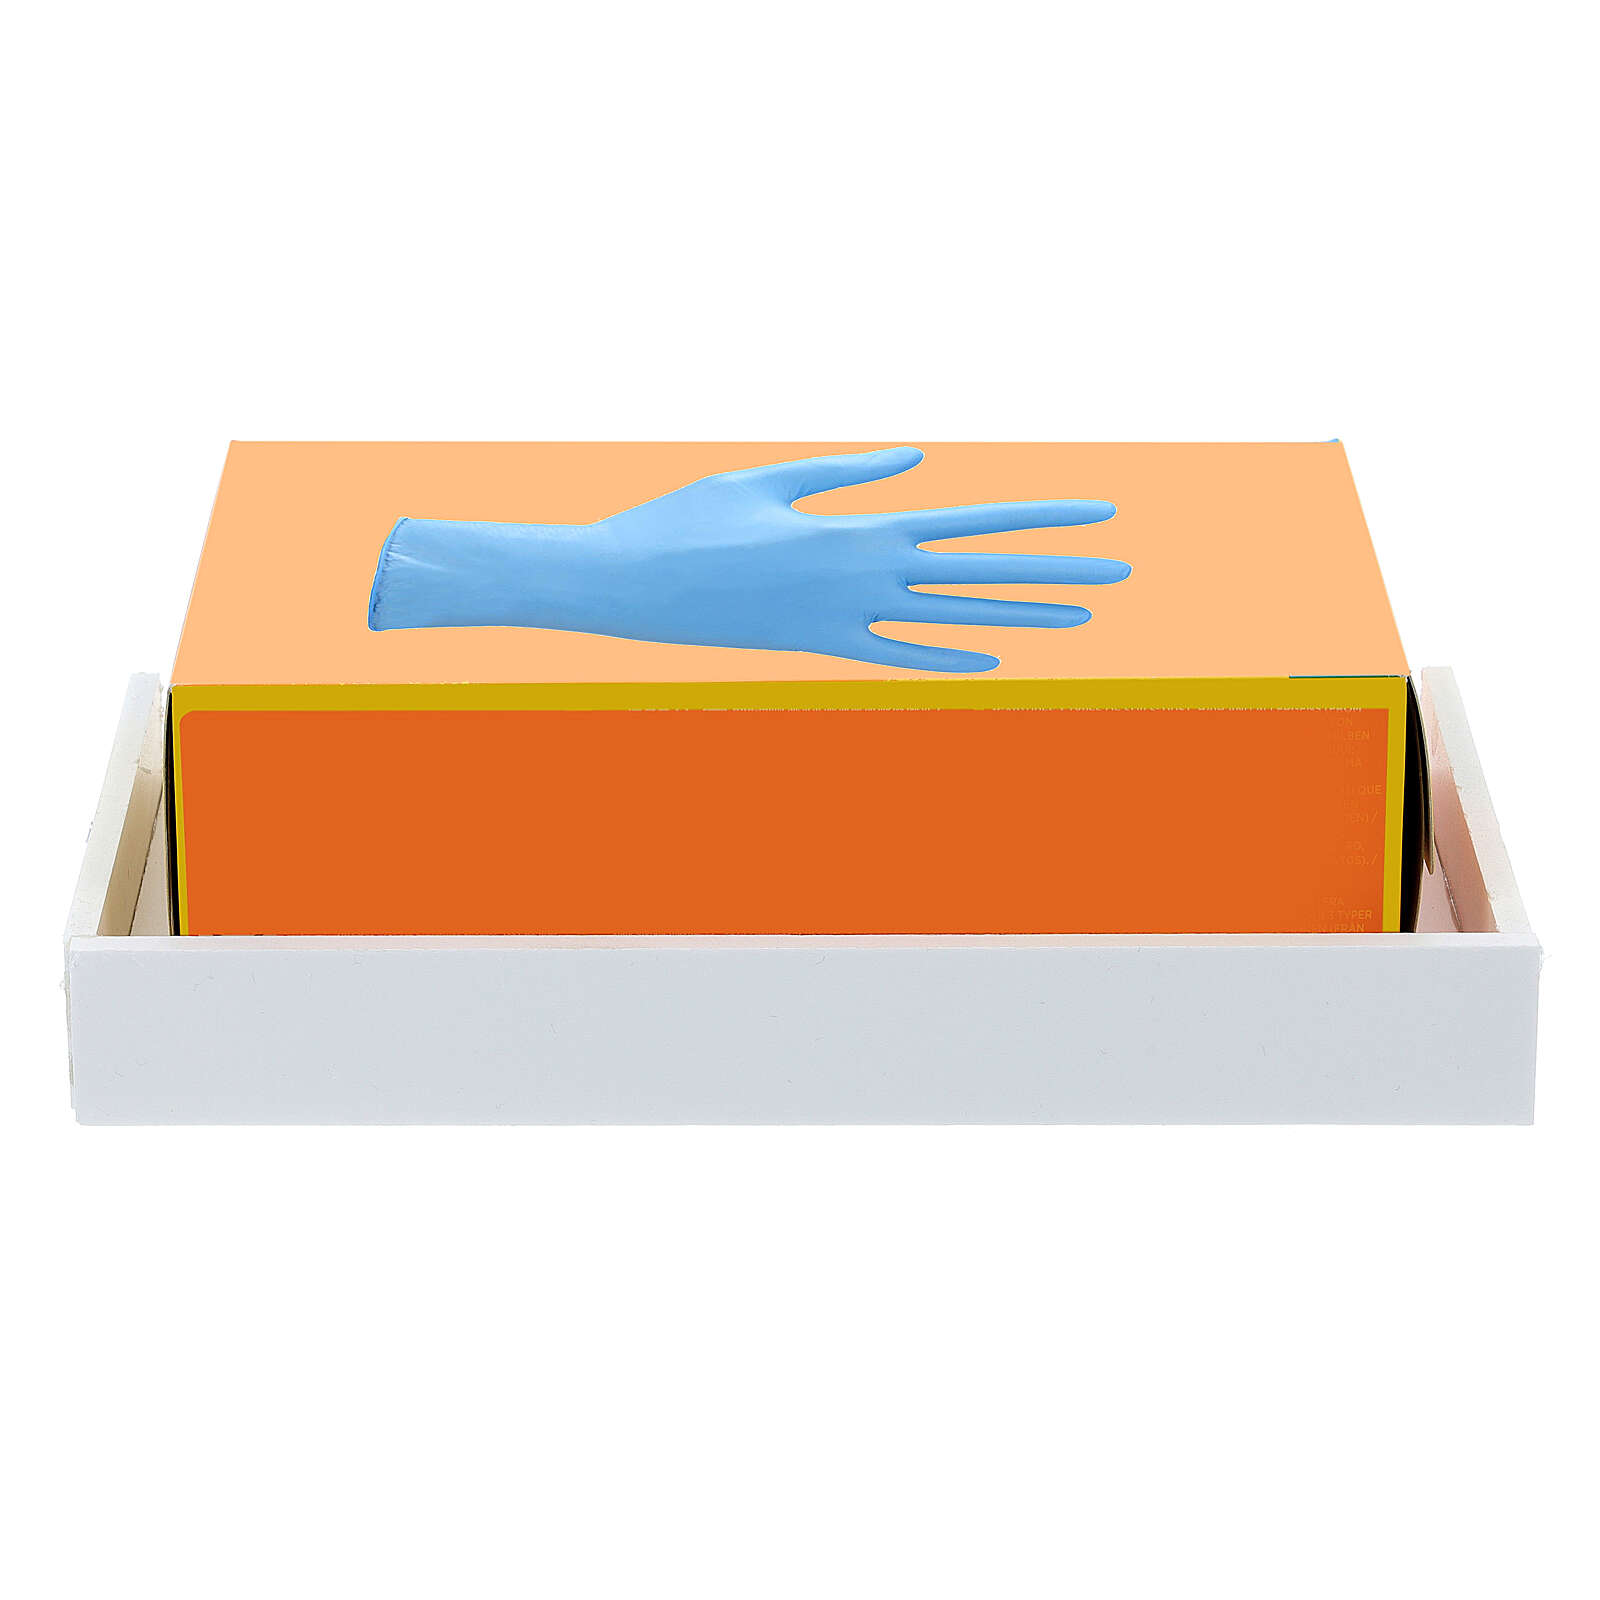 Estante para caja guantes 14x17 forex con tornillos para PF000003 3